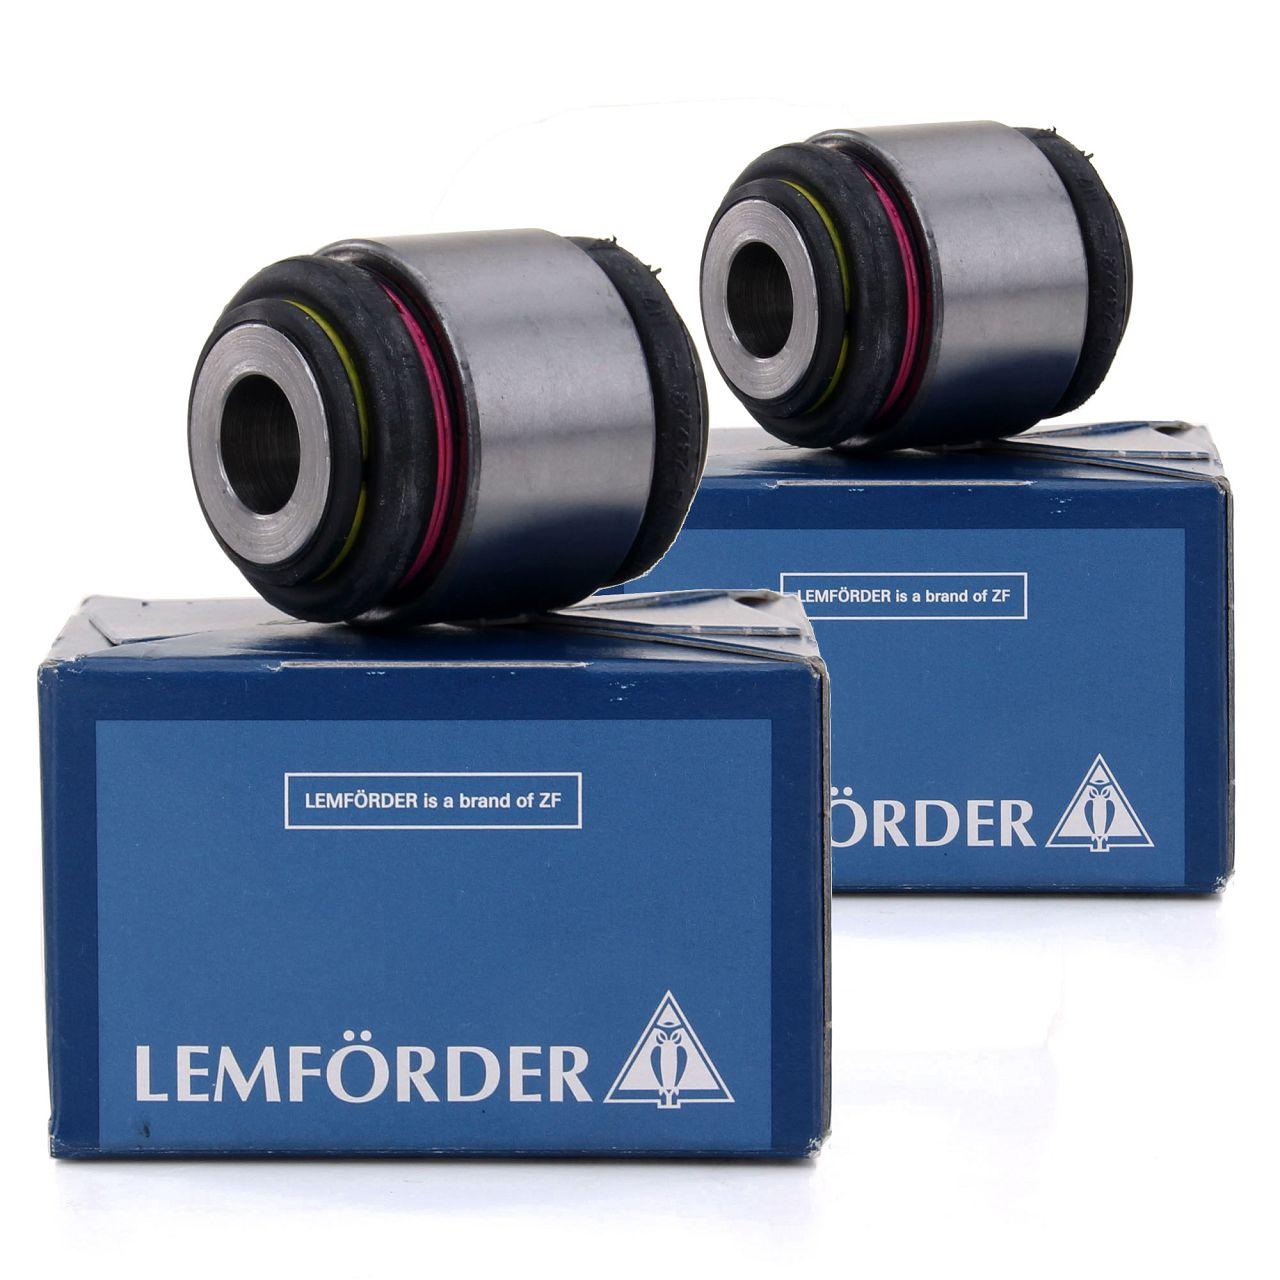 2x LEMFÖRDER Lagerbuchse Radlagergehäuse MERCEDES 190 W201 W124 W203 W204 W205 S124 hinten